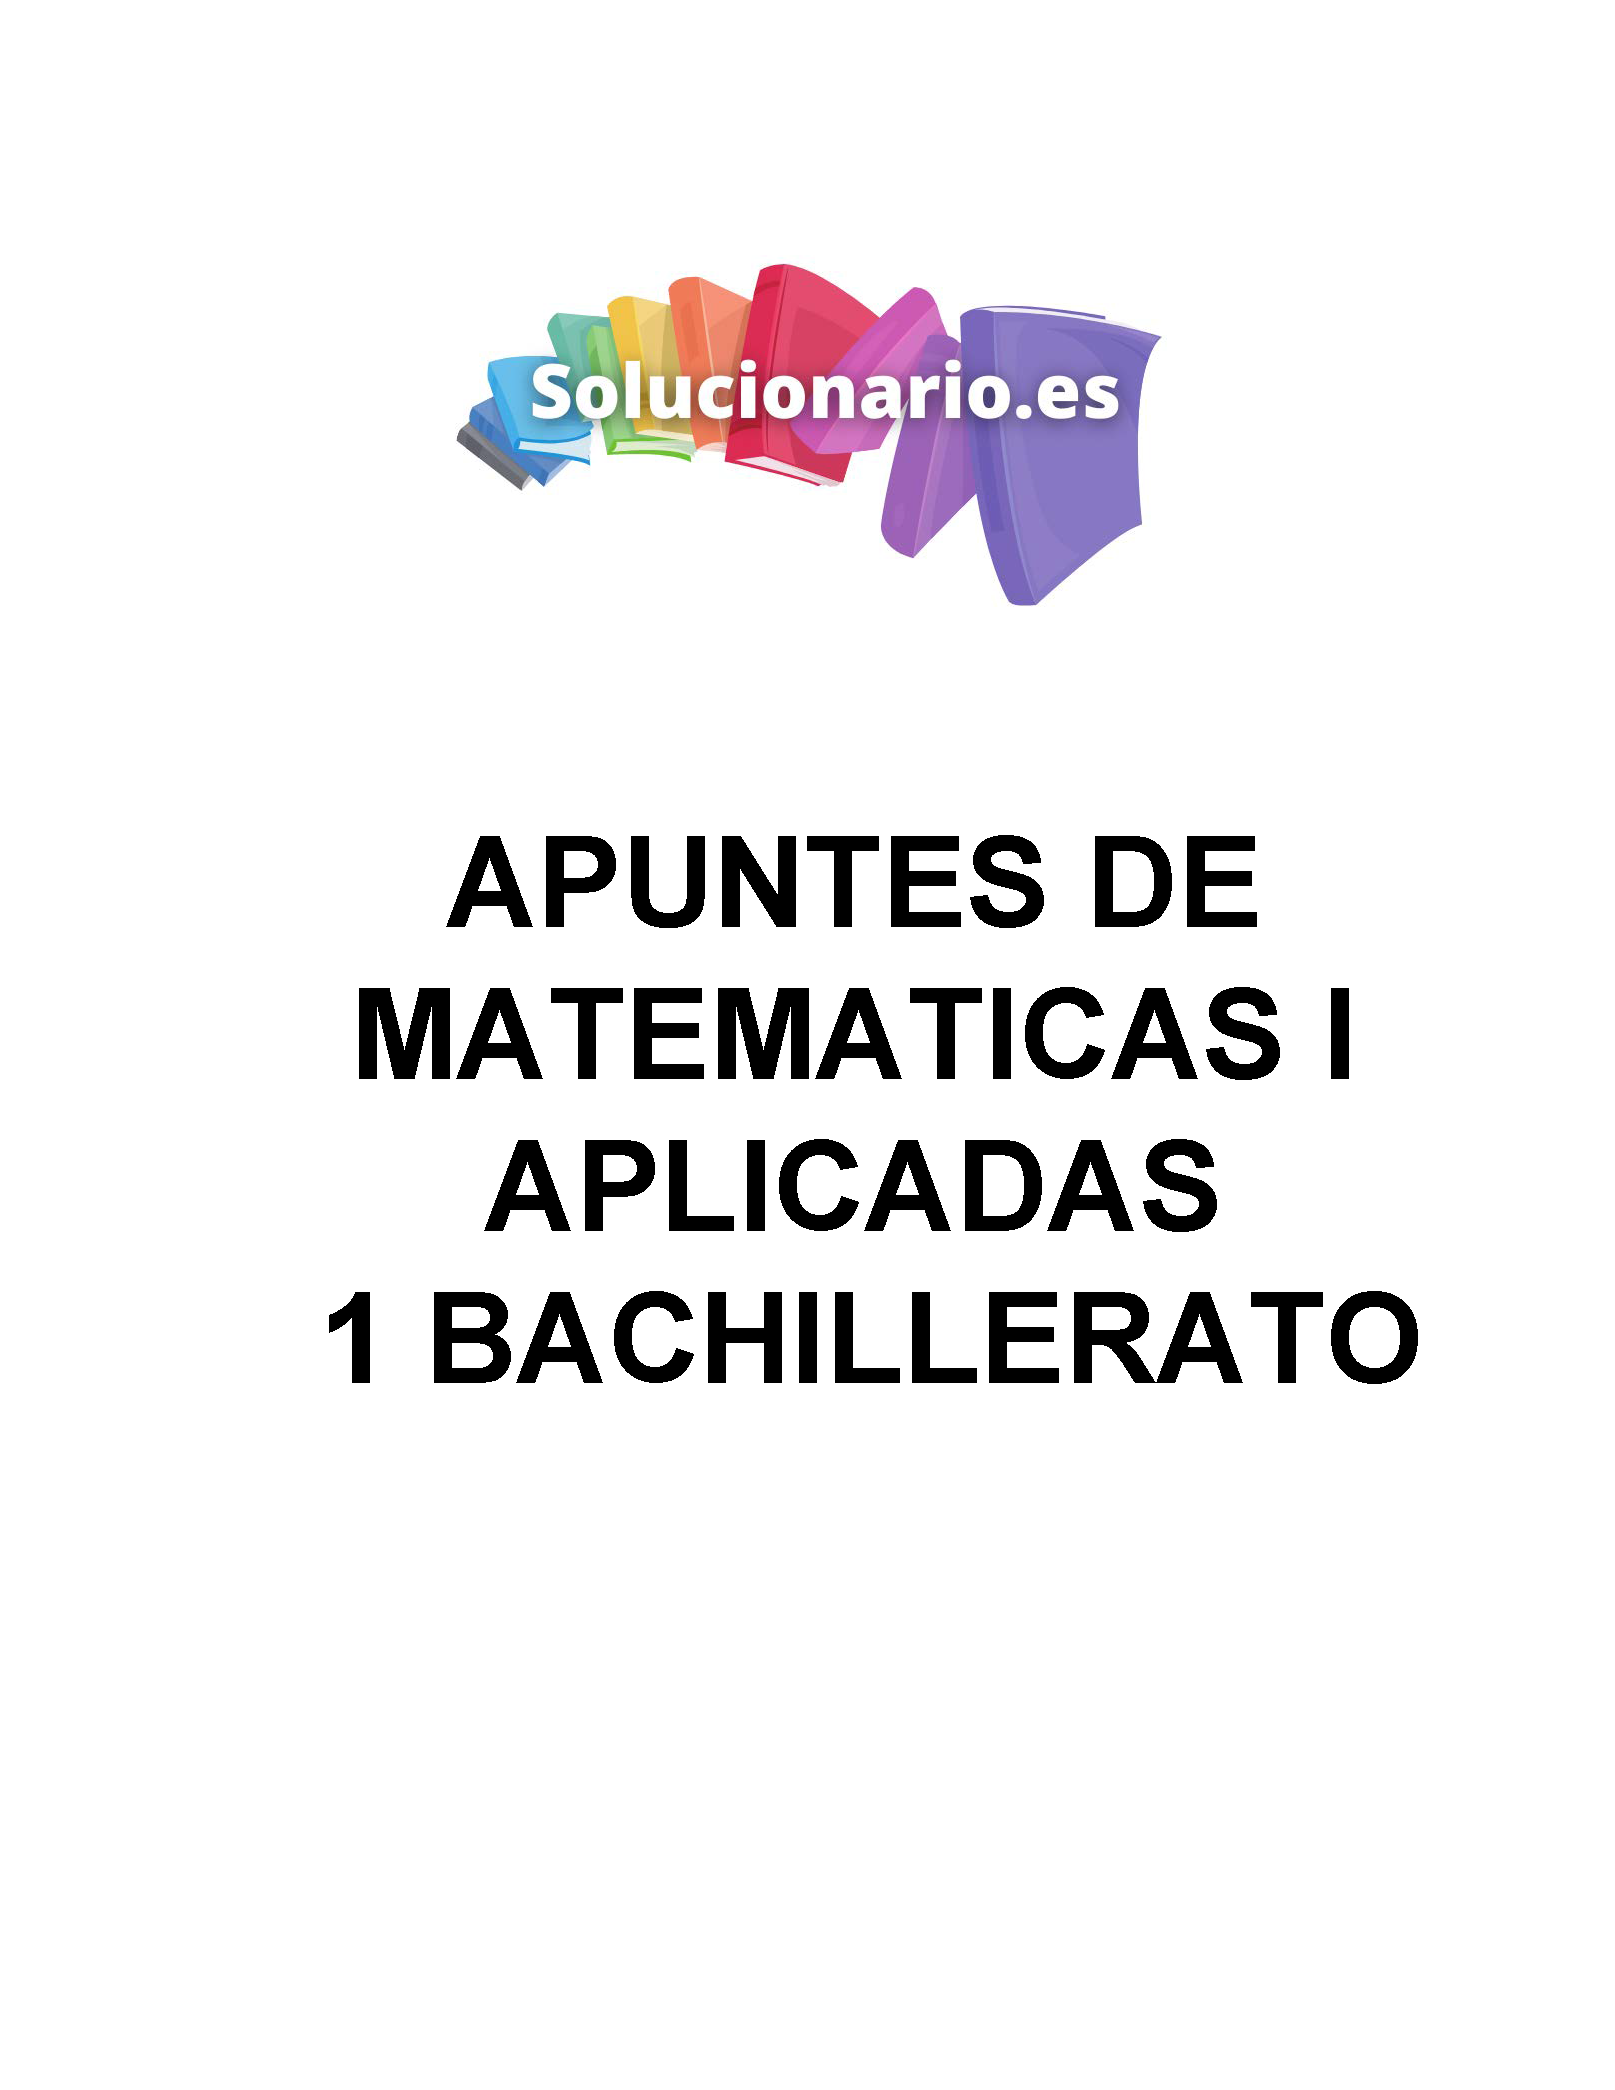 Apuntes Matemáticas Funciones 1 Bachillerato de Sociales 2020 / 2021